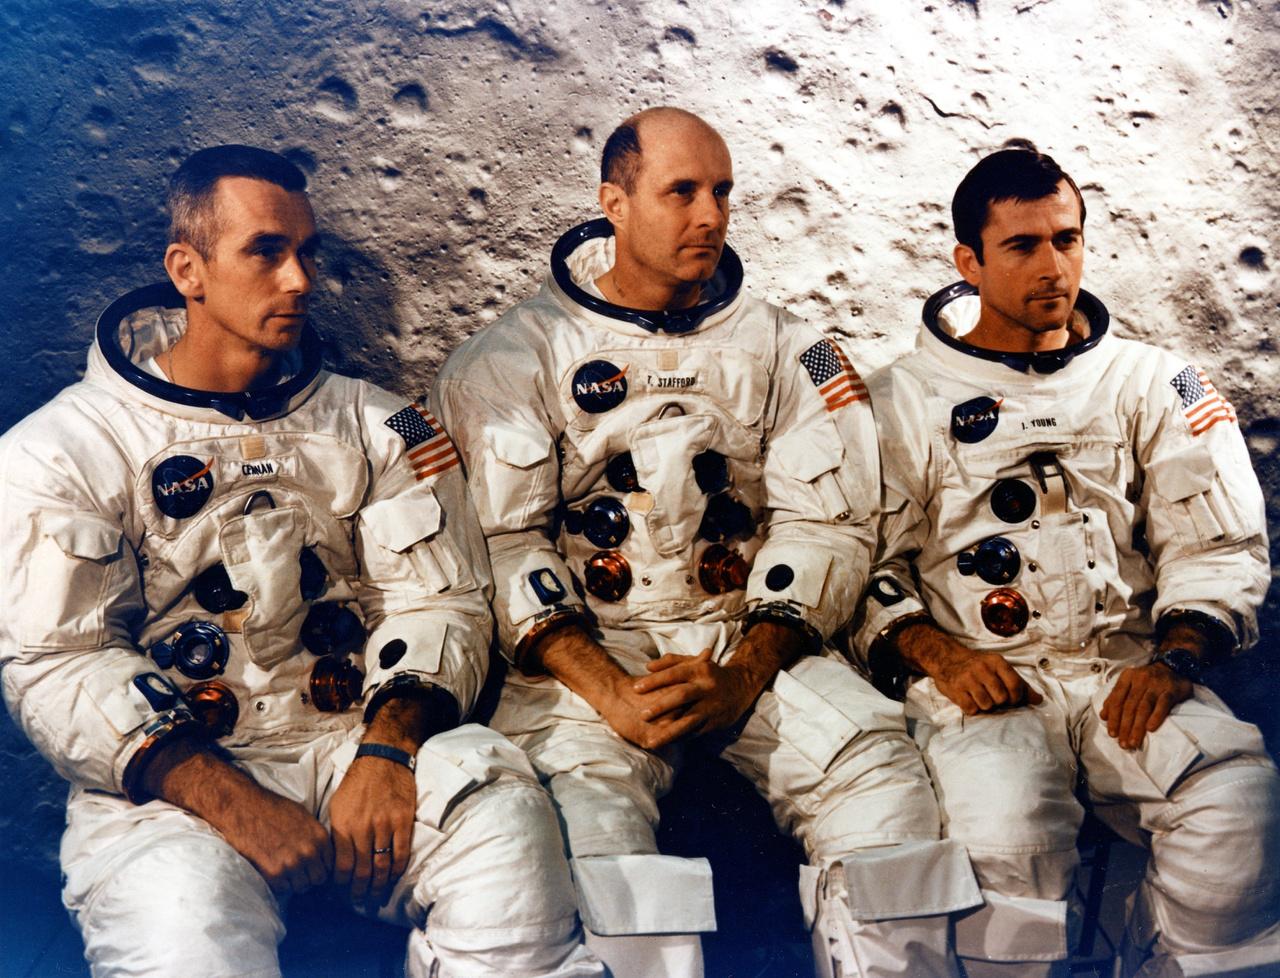 Az Apollo-10 küldetés három tagja: Cernan, Stafford és Young.